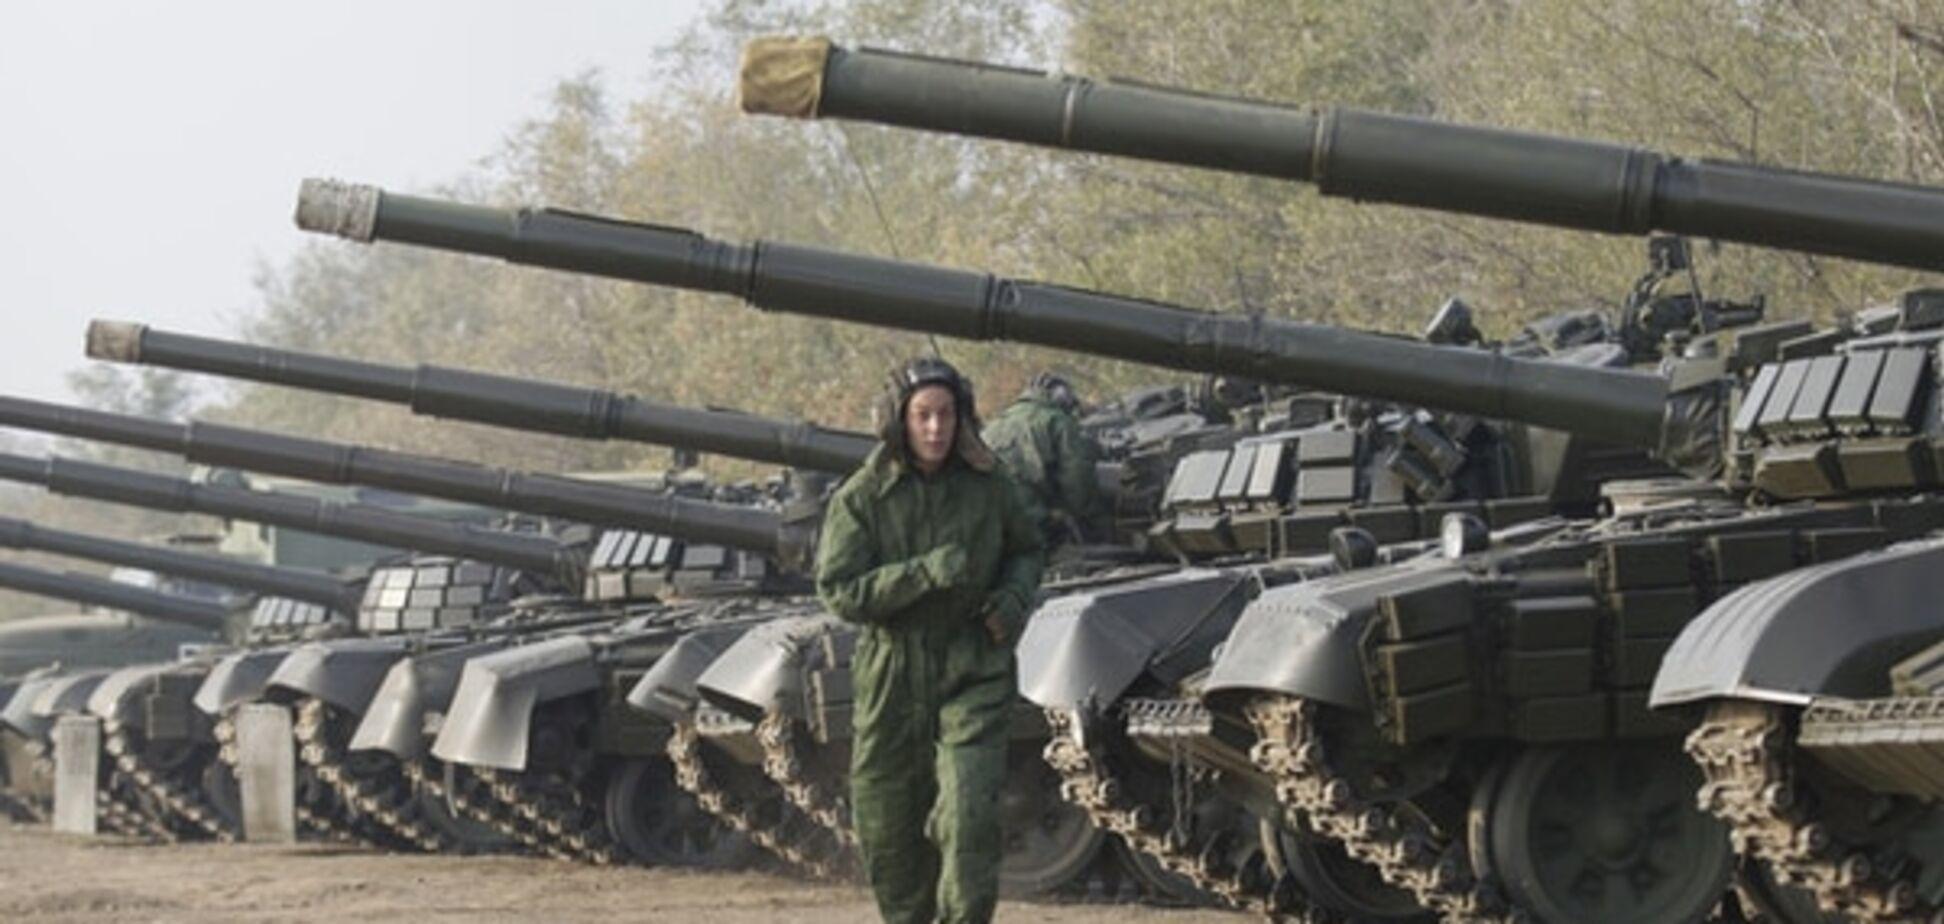 Терористи почали масові зачистки в своїх рядах, перевертні в пагонах дезертирують - Тимчук